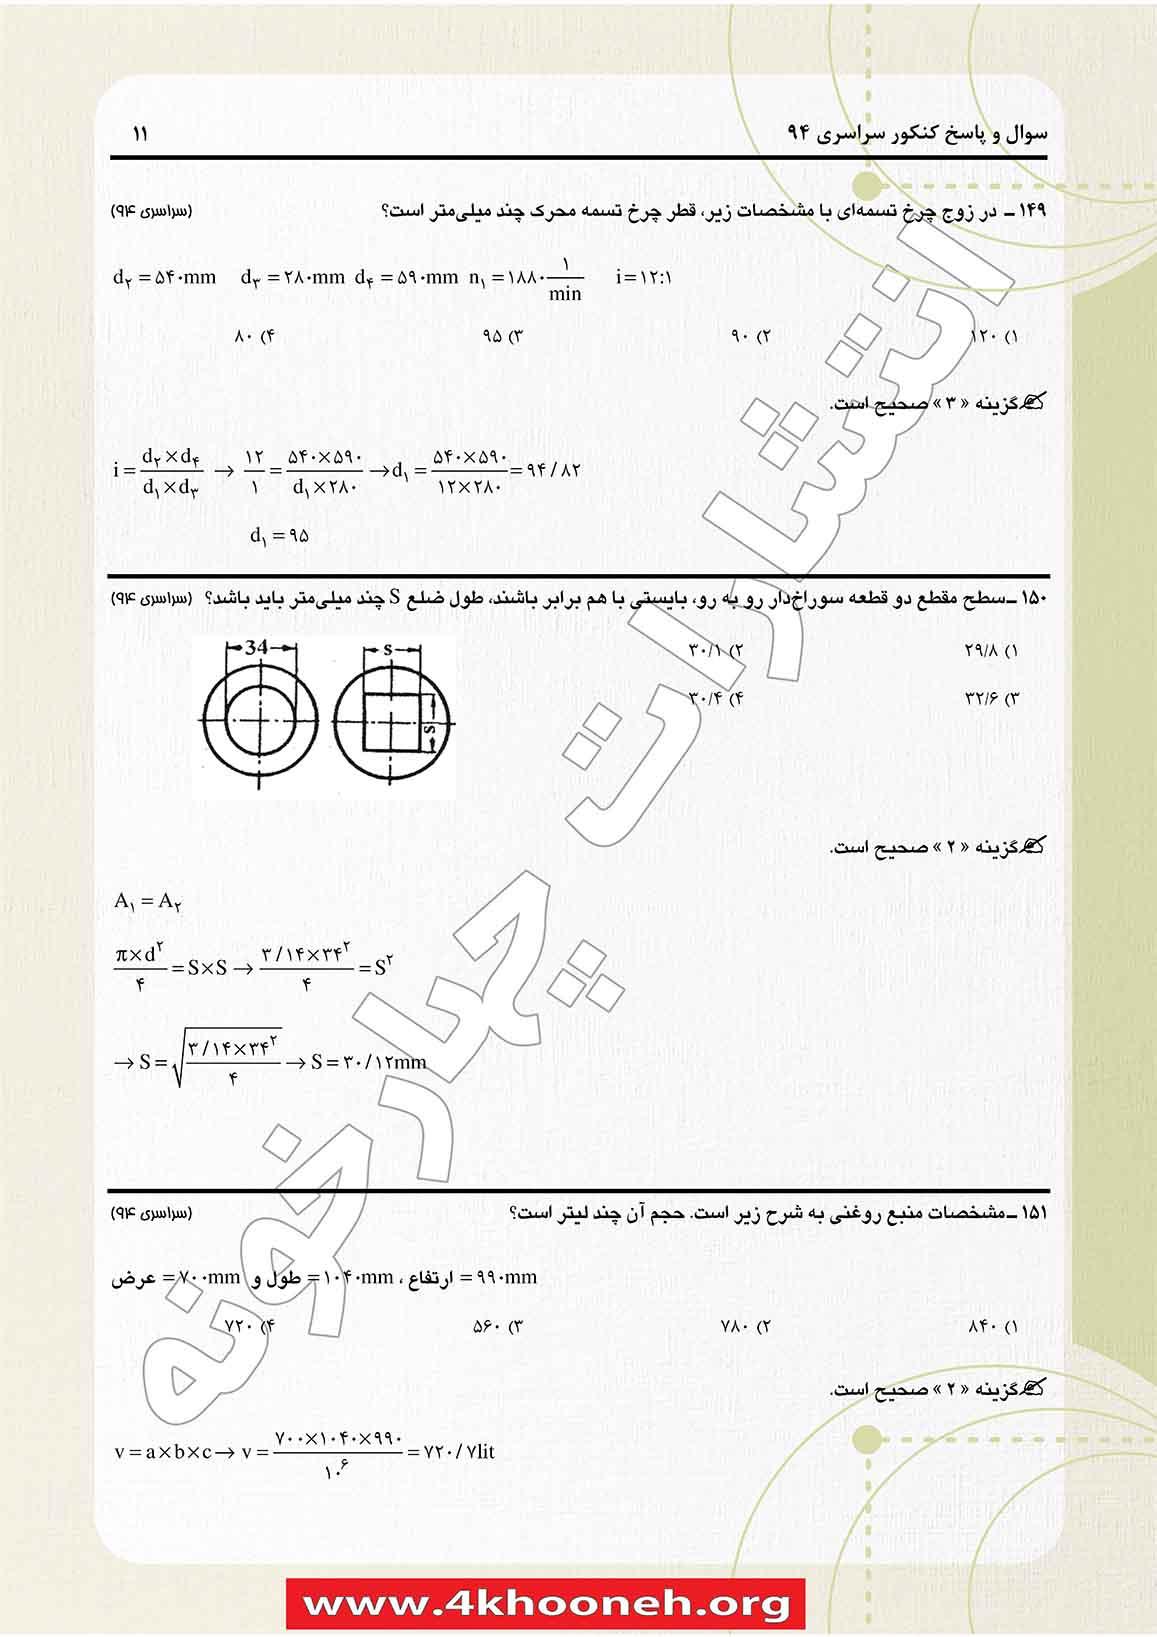 سوالات و پاسخنامه کنکور فنی حرفه ای مکانیک خودرو 94